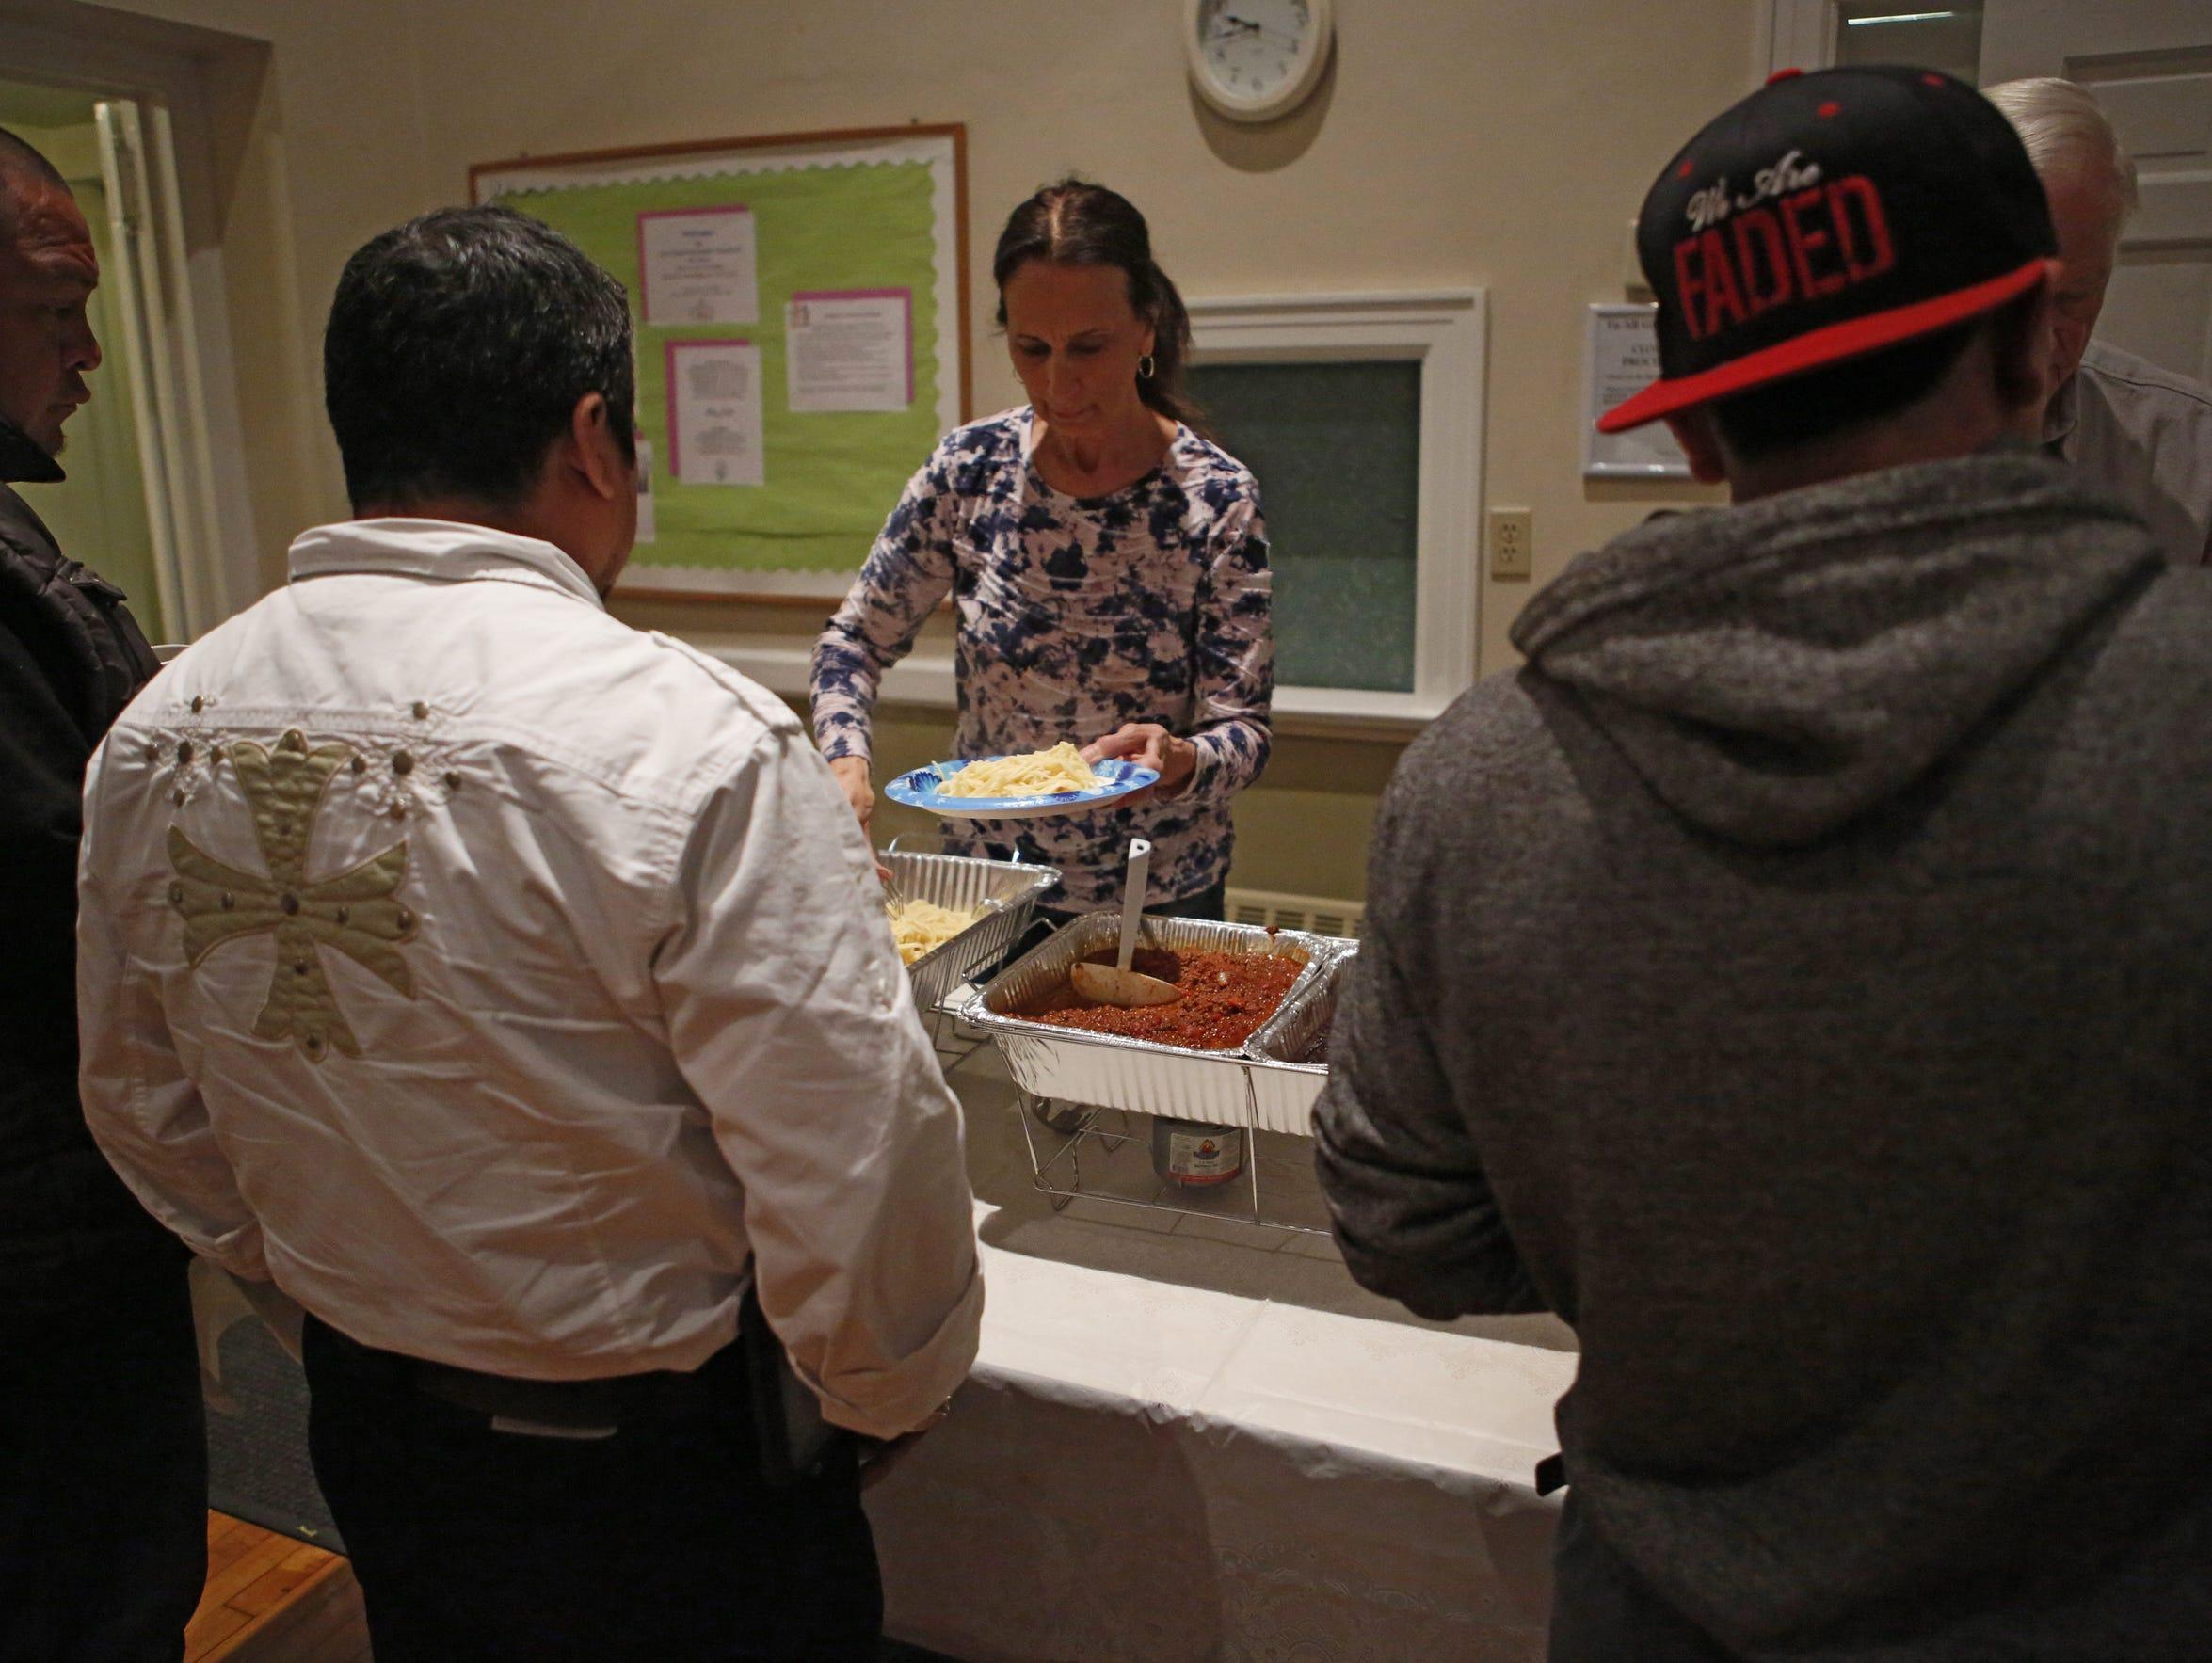 Homeless men grab a hot meal before settling in for